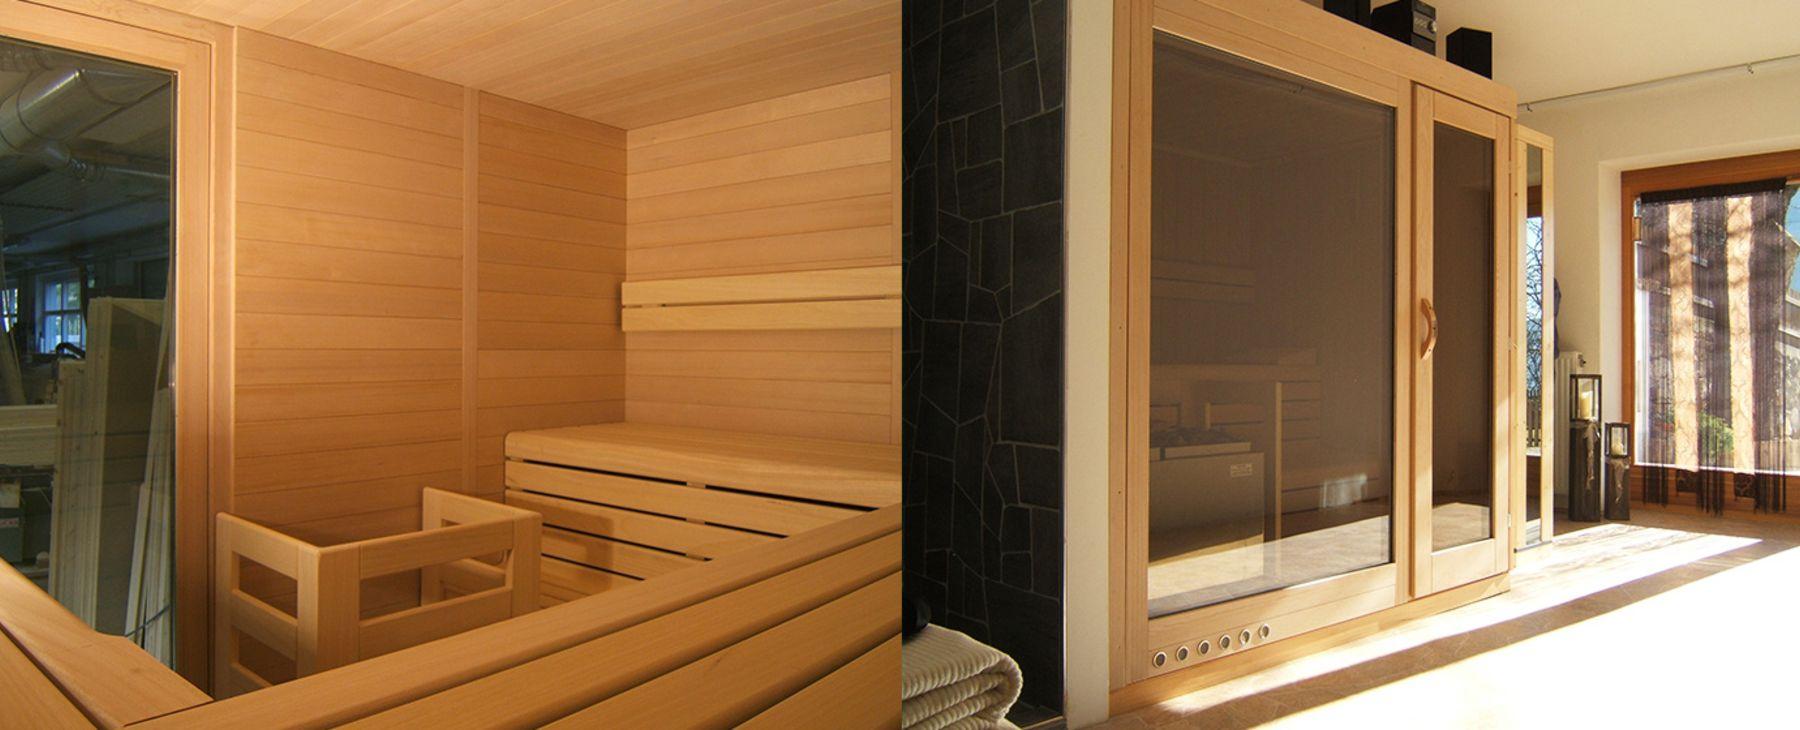 sauna per casa prezzi with sauna per casa prezzi